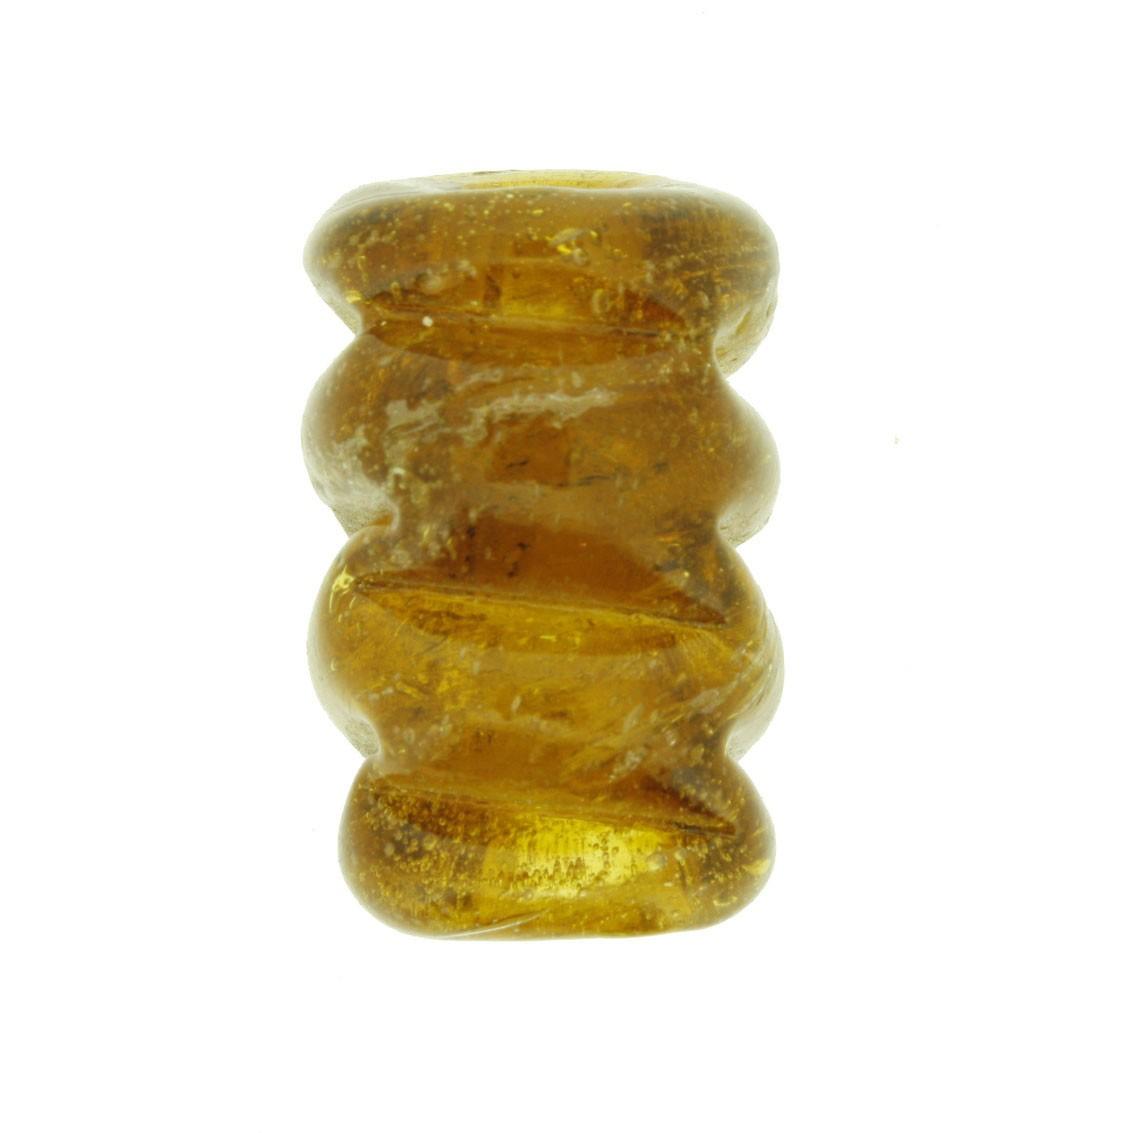 Firma Grande Frisada - Dourado Transparente - 1 Peça  - Universo Religioso® - Artigos de Umbanda e Candomblé